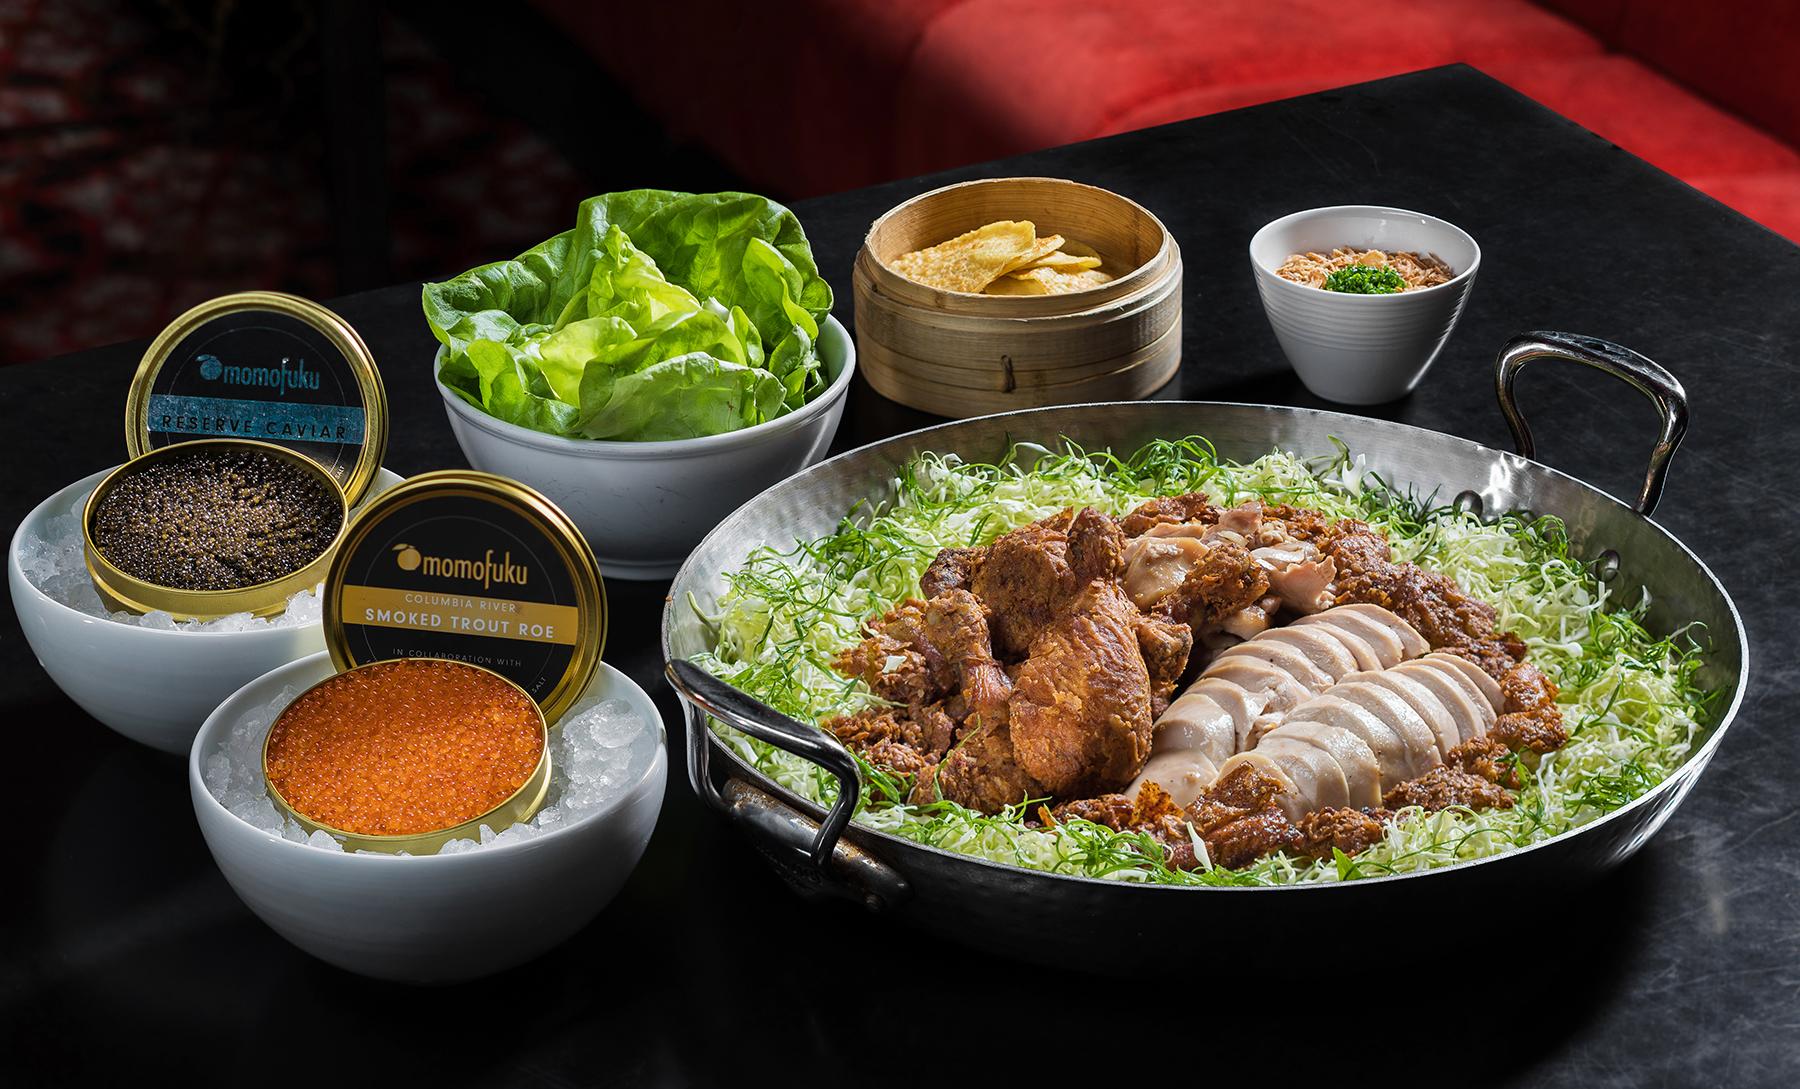 Momofuku-Las-Vegas-Fried-Chicken